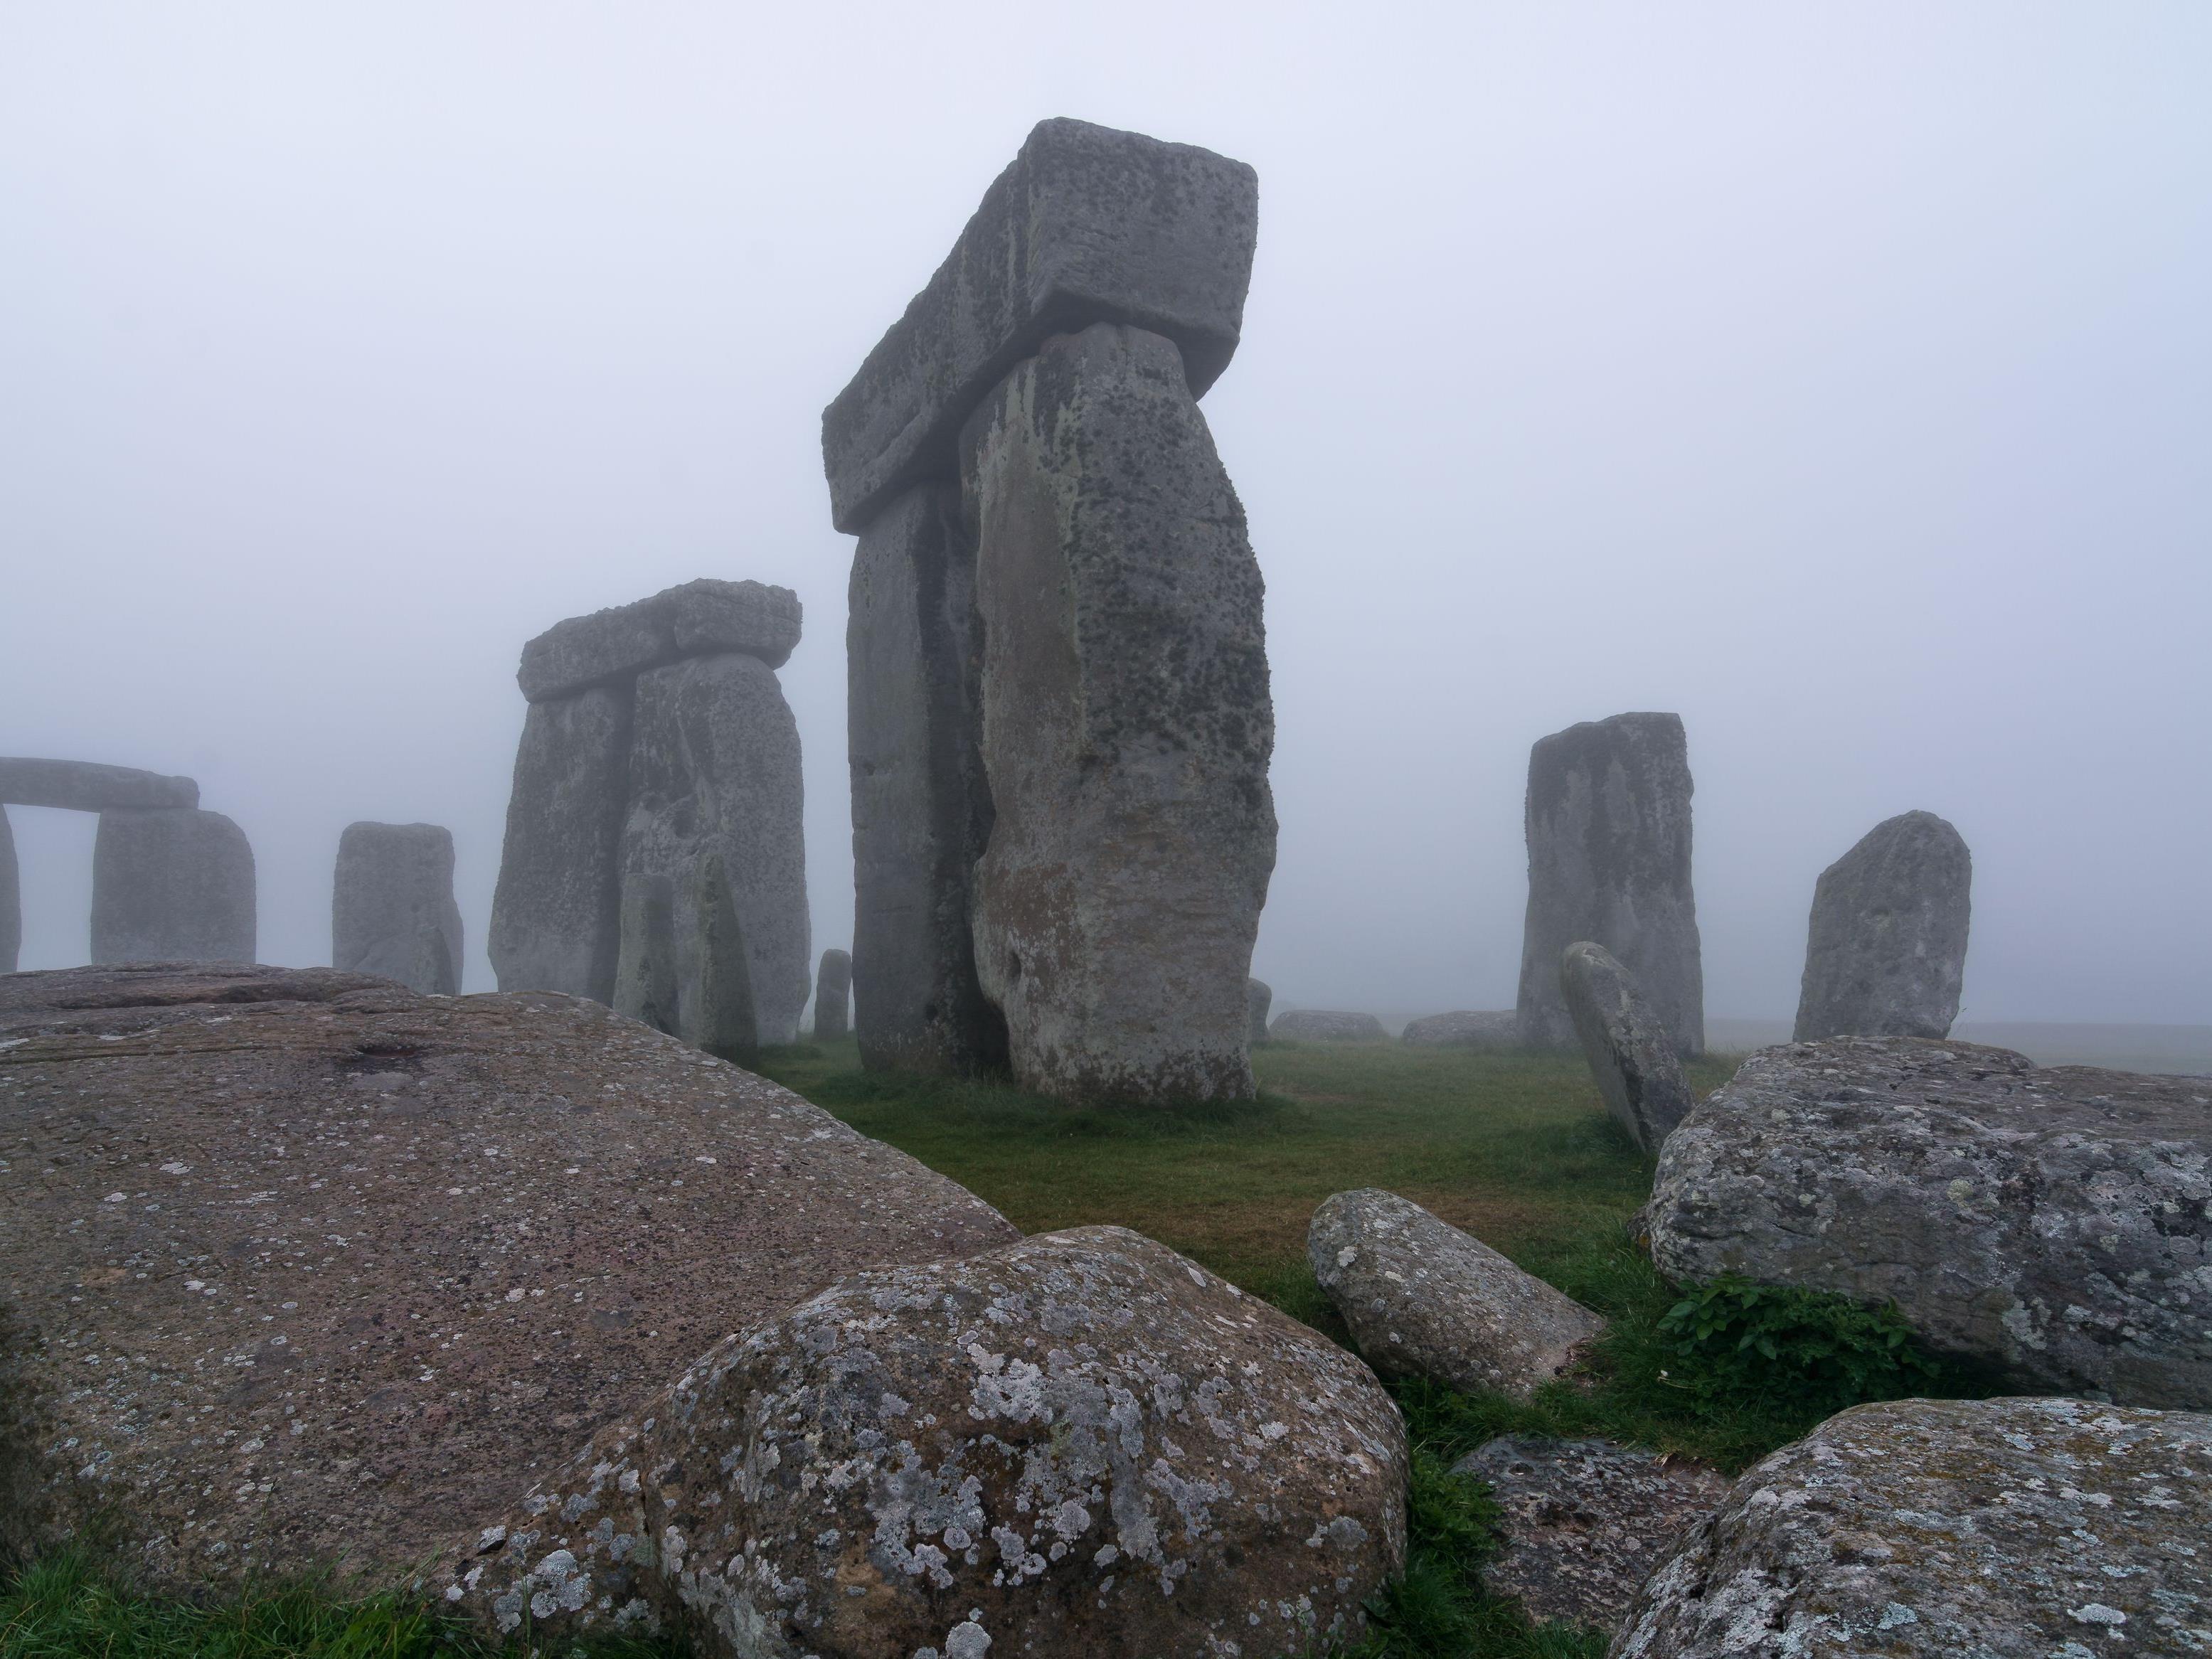 Stonehenge: Hightech offenbart weitere Funde nahe dem mysteriösen Steinkreis.